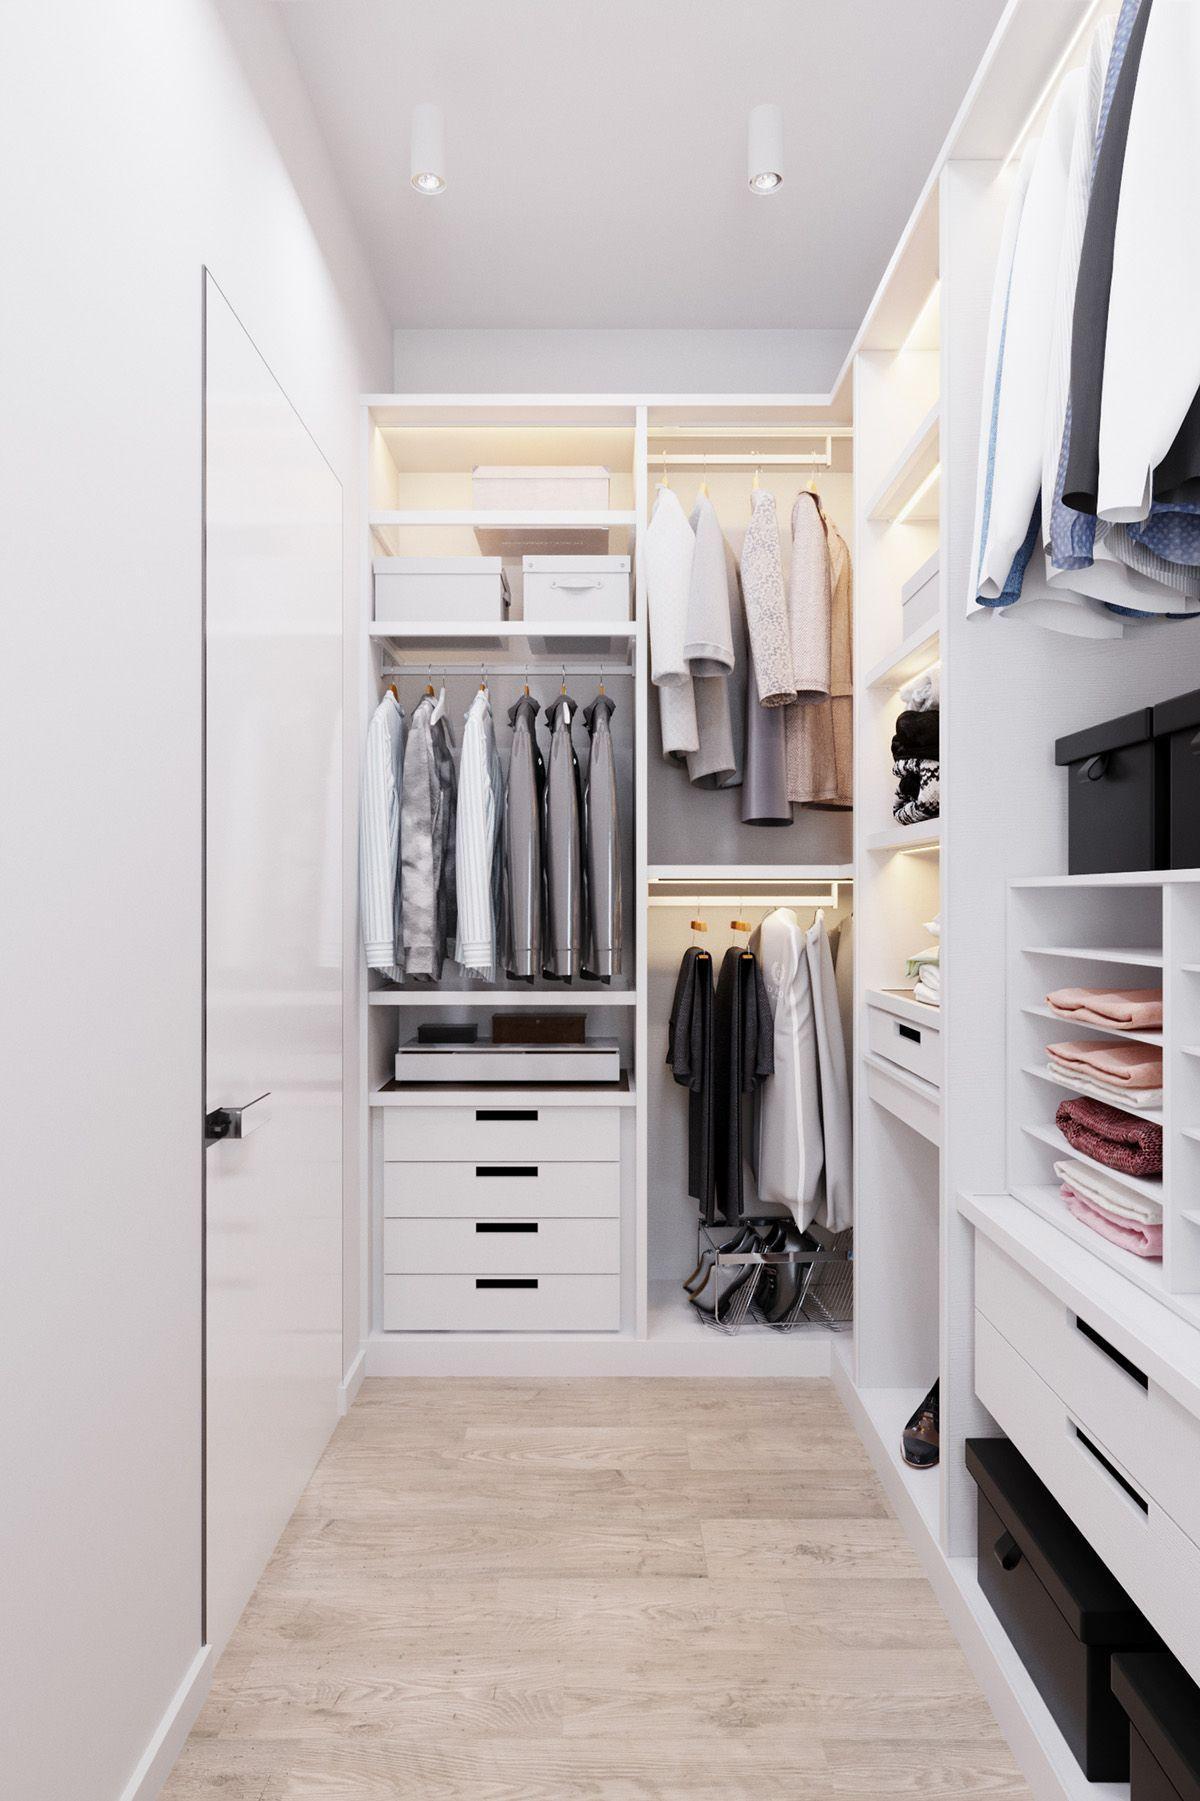 ιδέες_για_minimal ντουλάπες_στο_σπίτι_